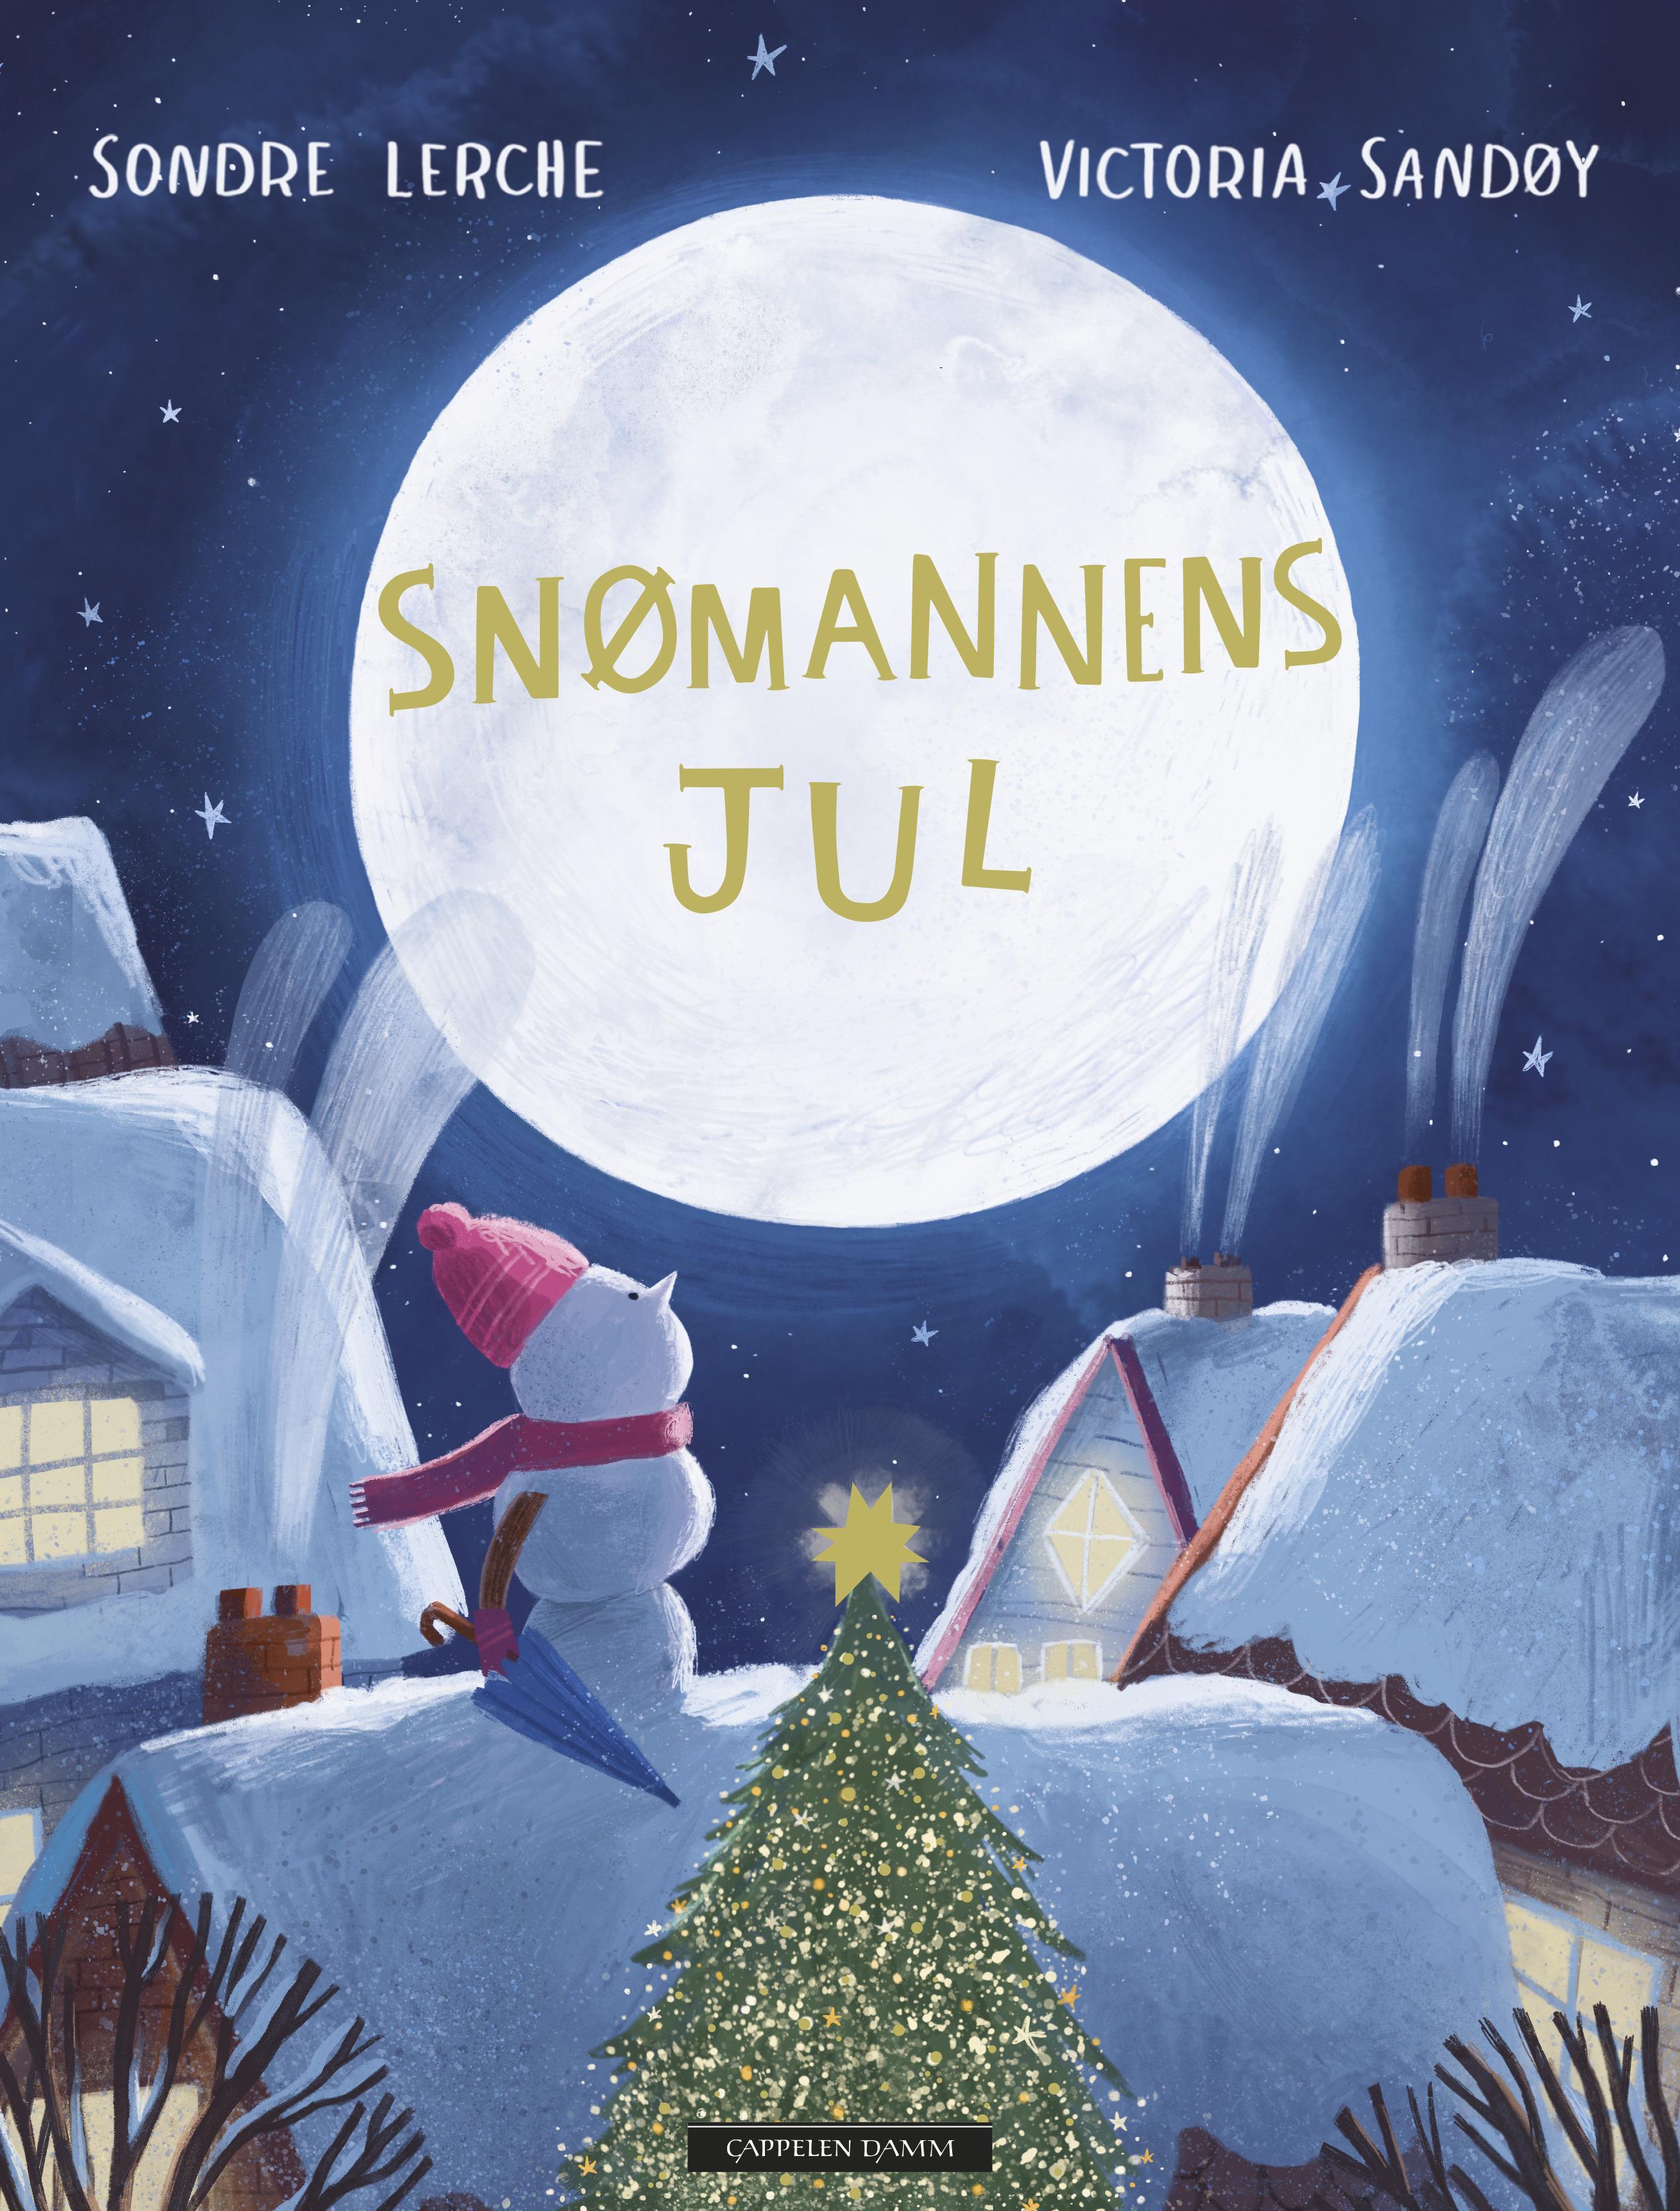 """""""Snømannens jul"""" av Sondre Lerche"""